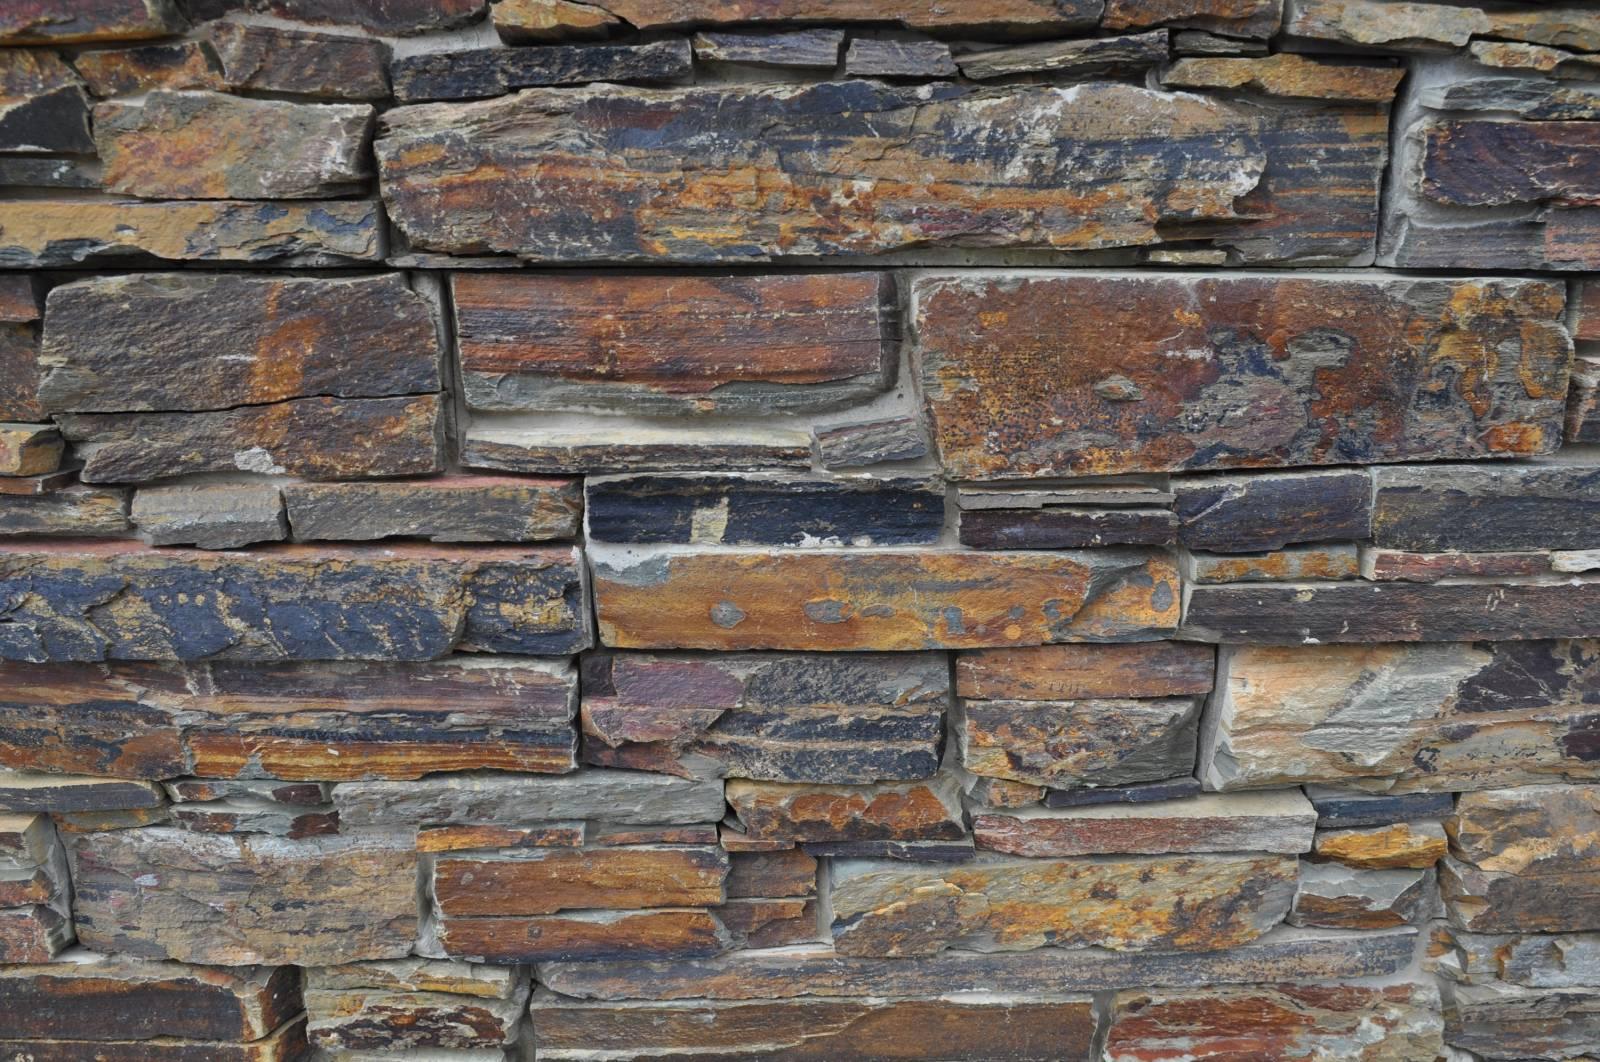 placage en pierre s che vente de pierres naturelles d coratives ambar s et lagrave 100. Black Bedroom Furniture Sets. Home Design Ideas